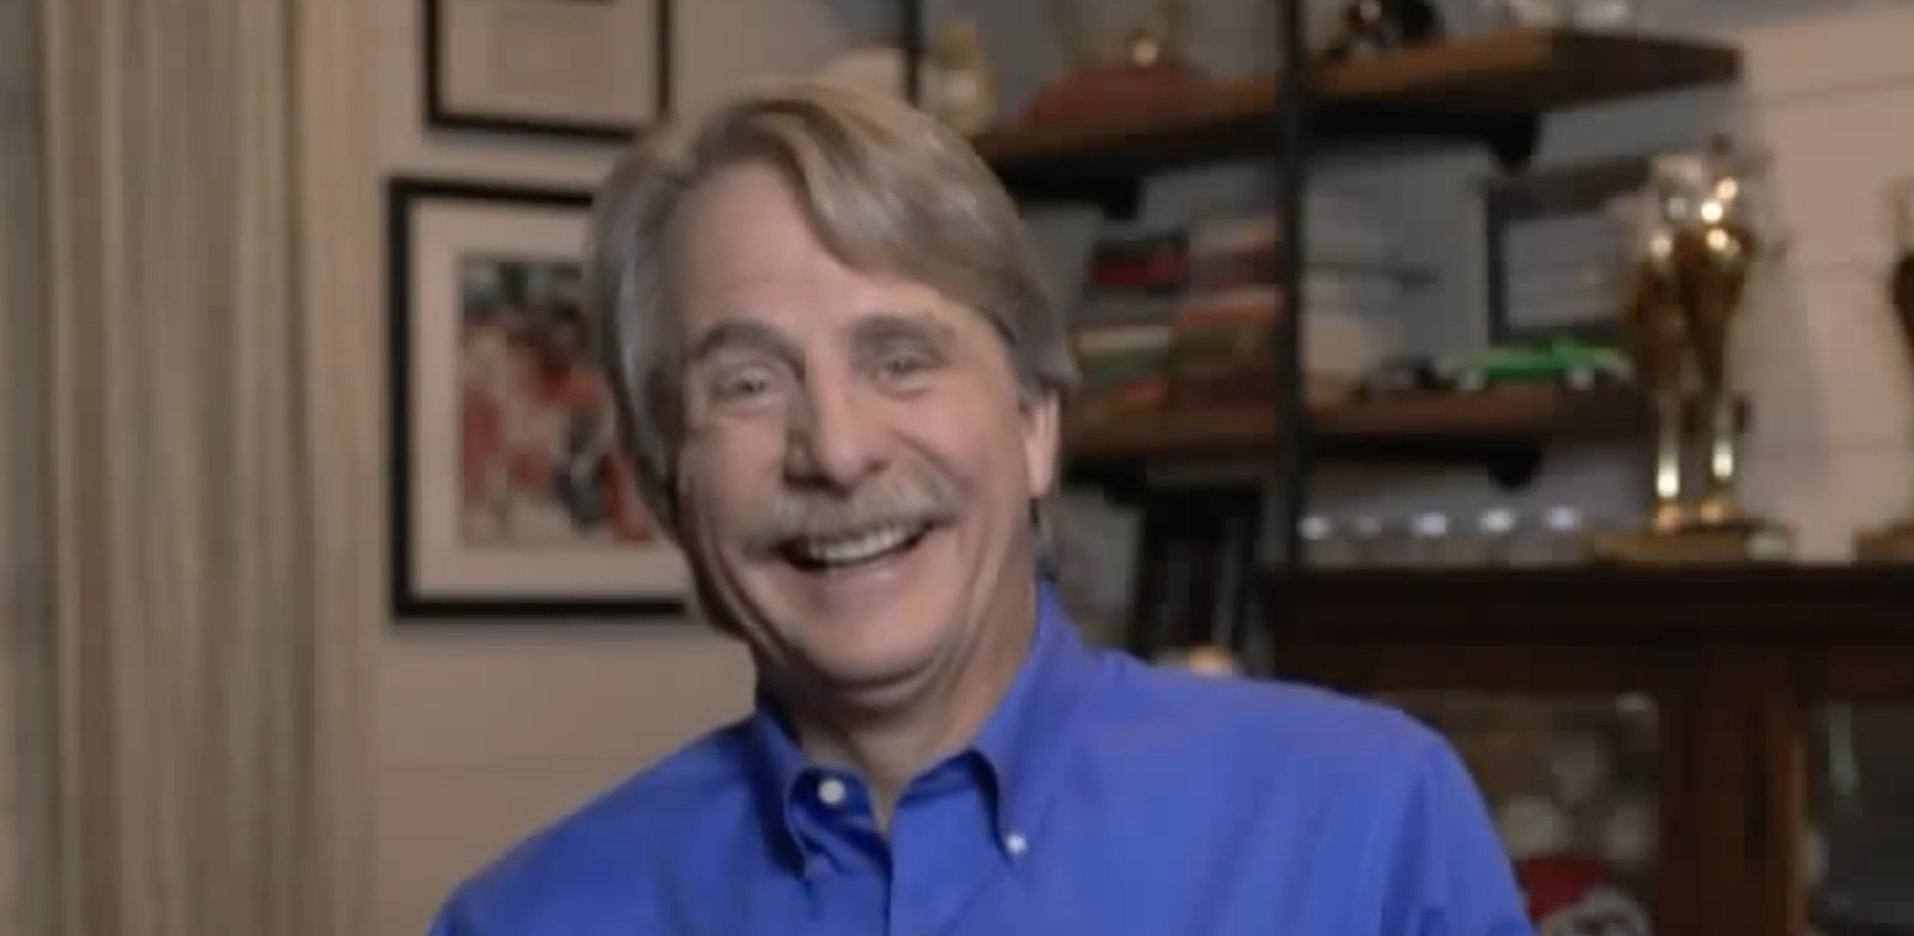 Jeff Foxworthy, What It's Worth, A&E-https://www.youtube.com/watch?v=6jg_96--onU